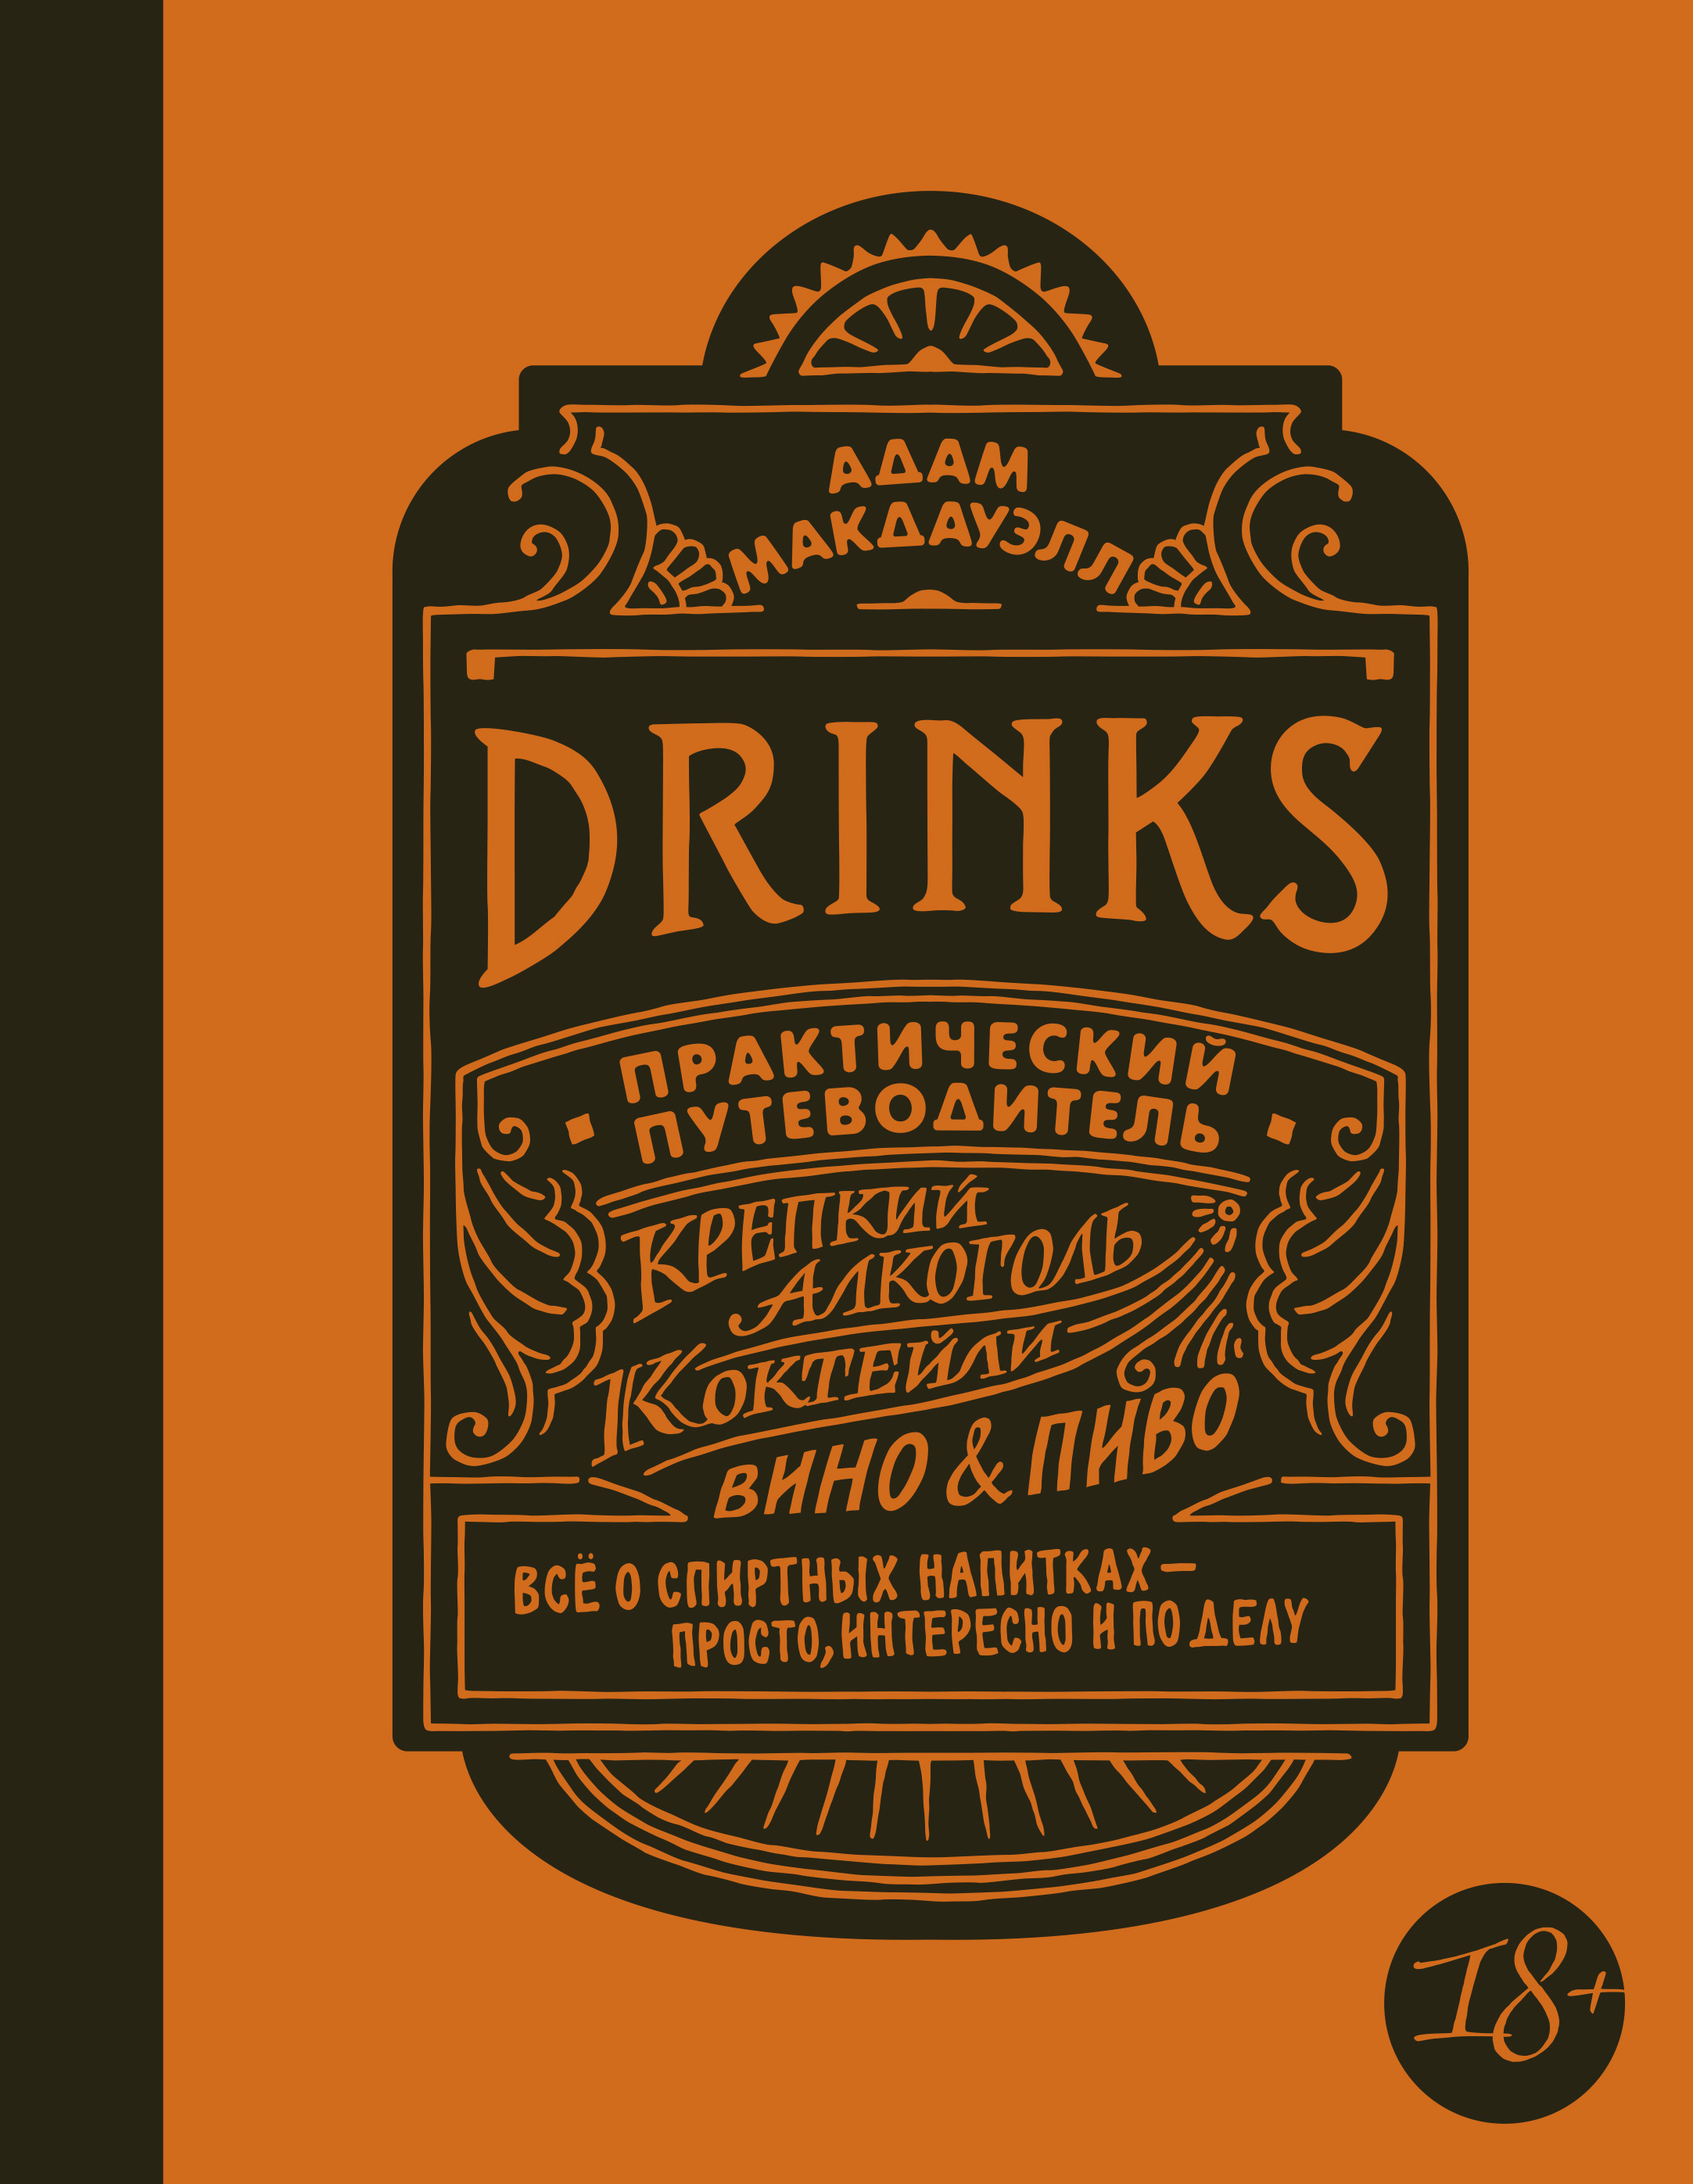 Адам Макдауэлл Drinks. Практический путеводитель. Крепкий алкоголь. Коктейли. Вино & пиво ломкий портативный бесстебельное силикона складной вино пиво сода открытый кубок